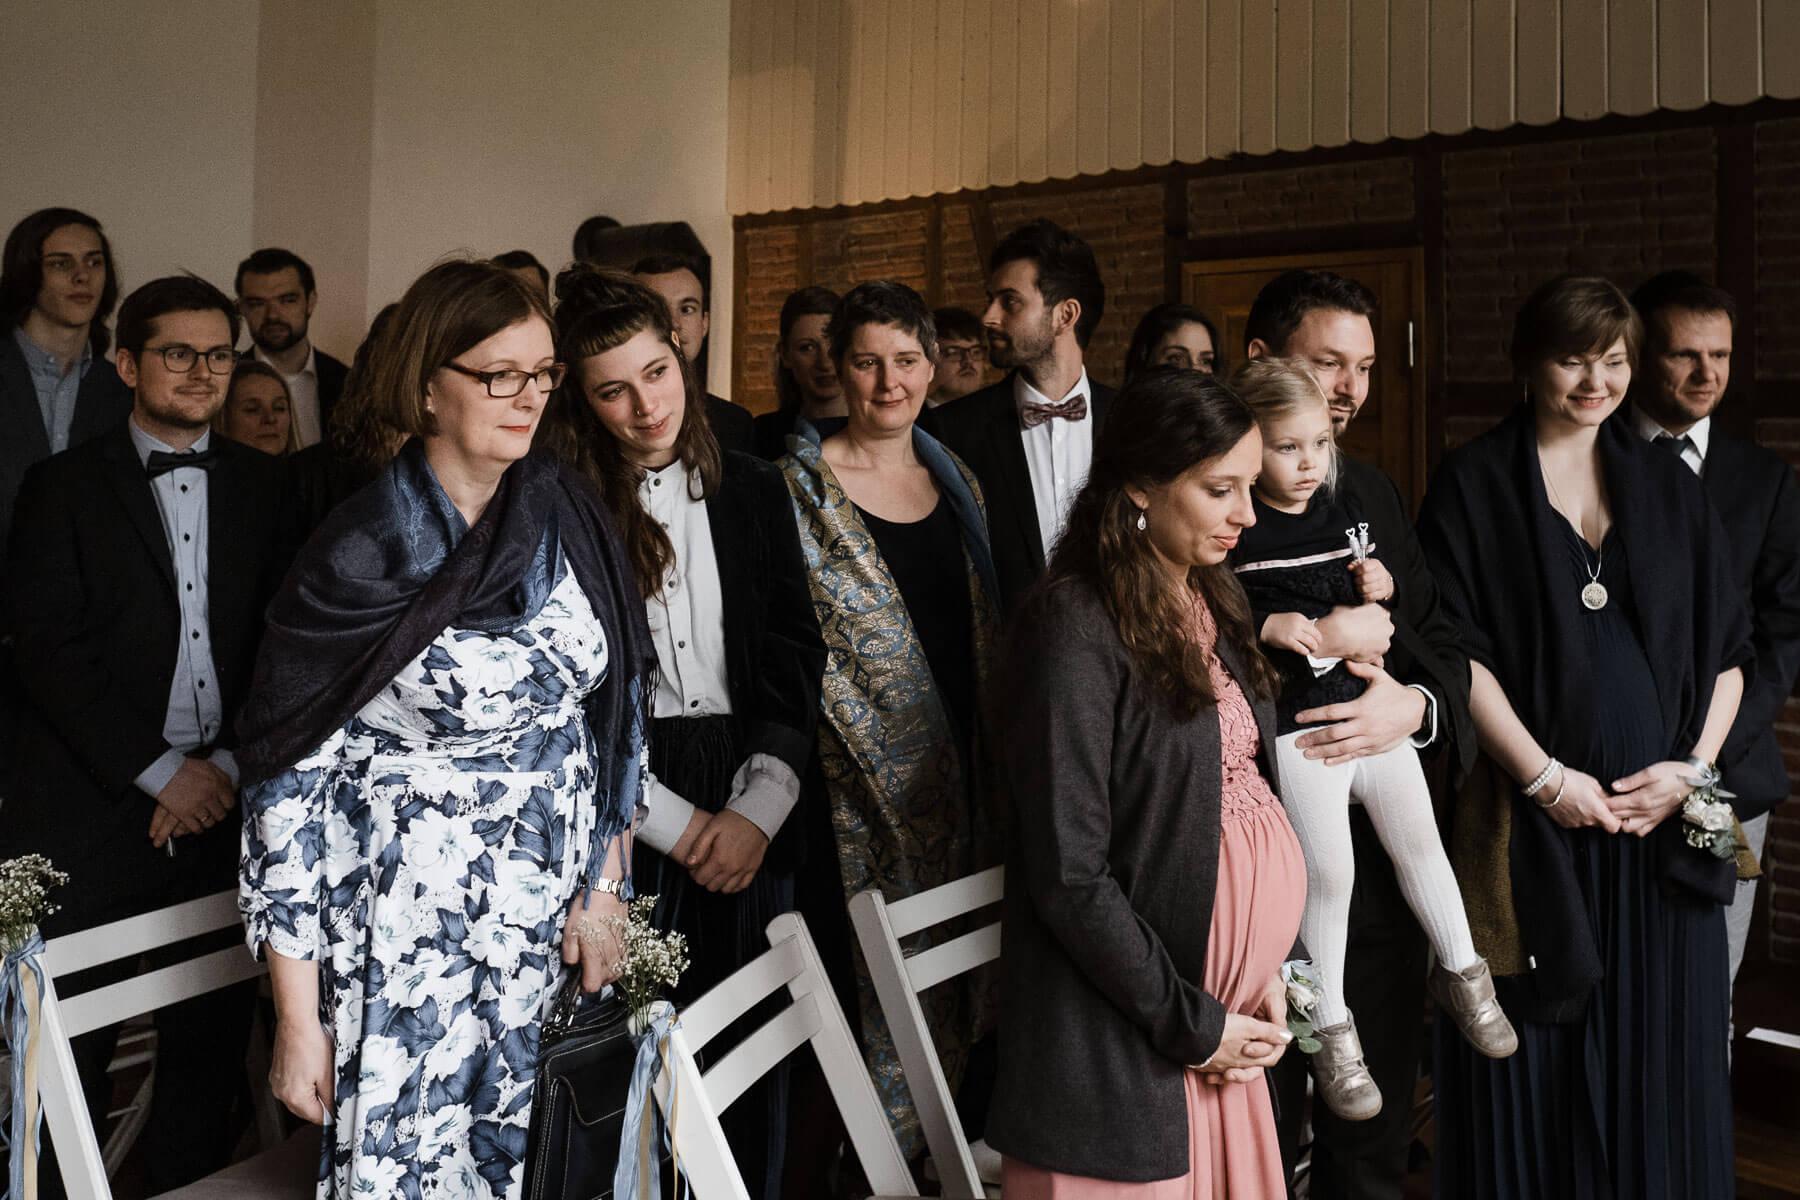 einige Gäste stehen in dem Trauzimmer in dem Landhaus, hinter ihnen stehen weiße Klappstühle